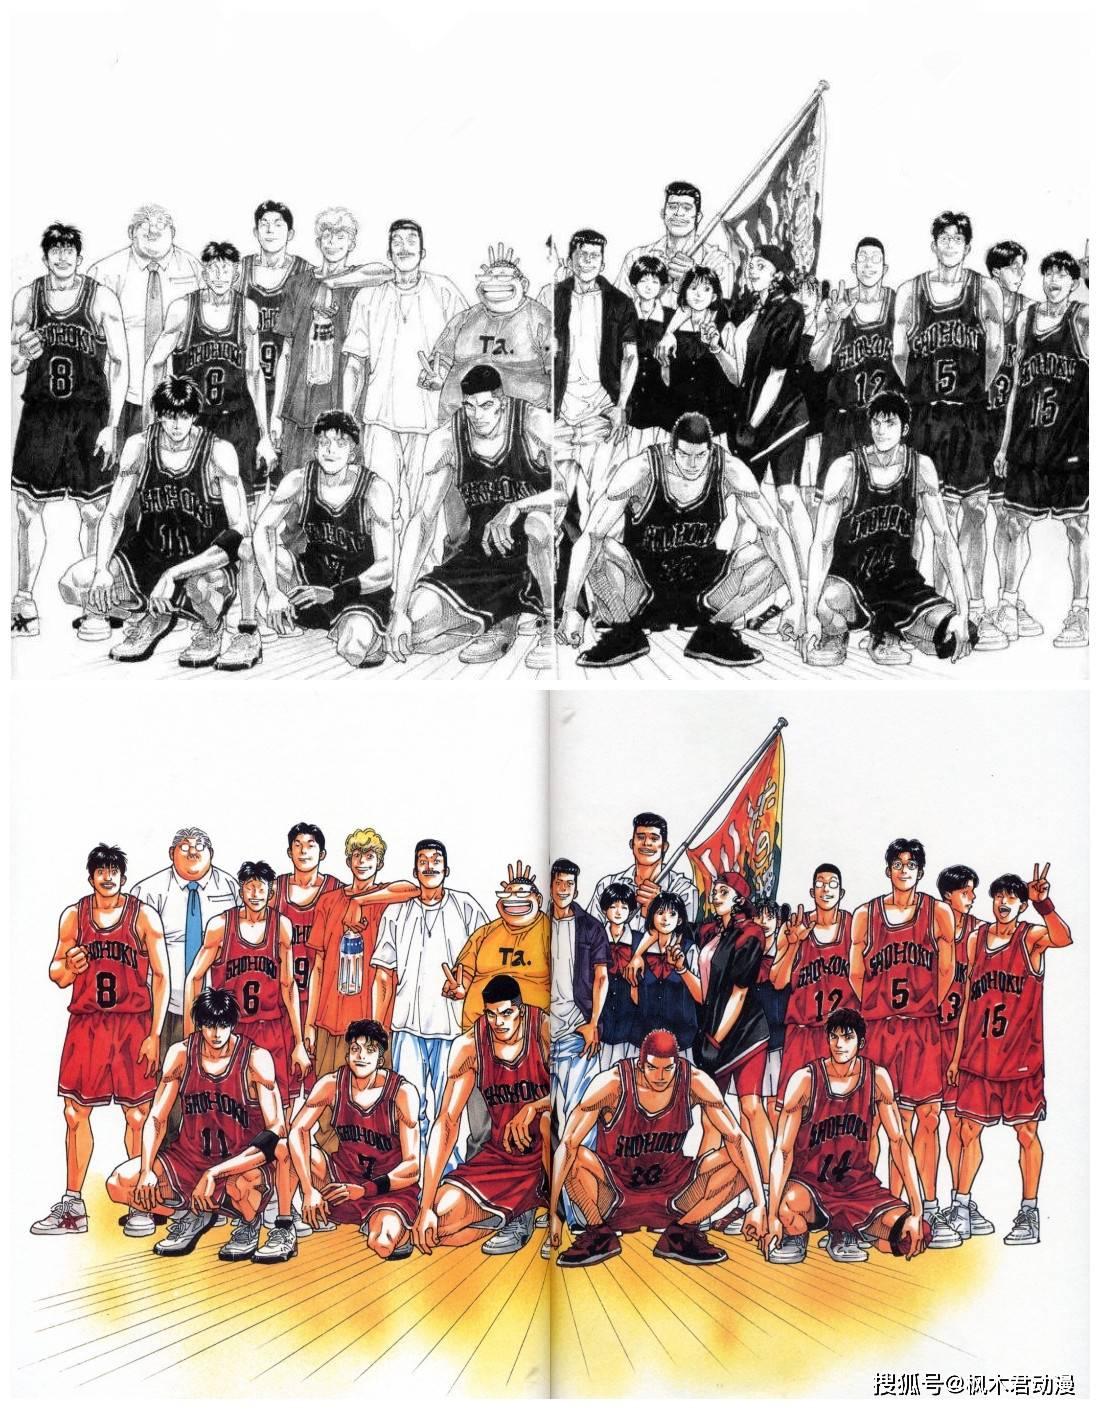 灌篮高手:原创剧情粗糙烂制,拉低经典只需一个不懂篮球的动画组